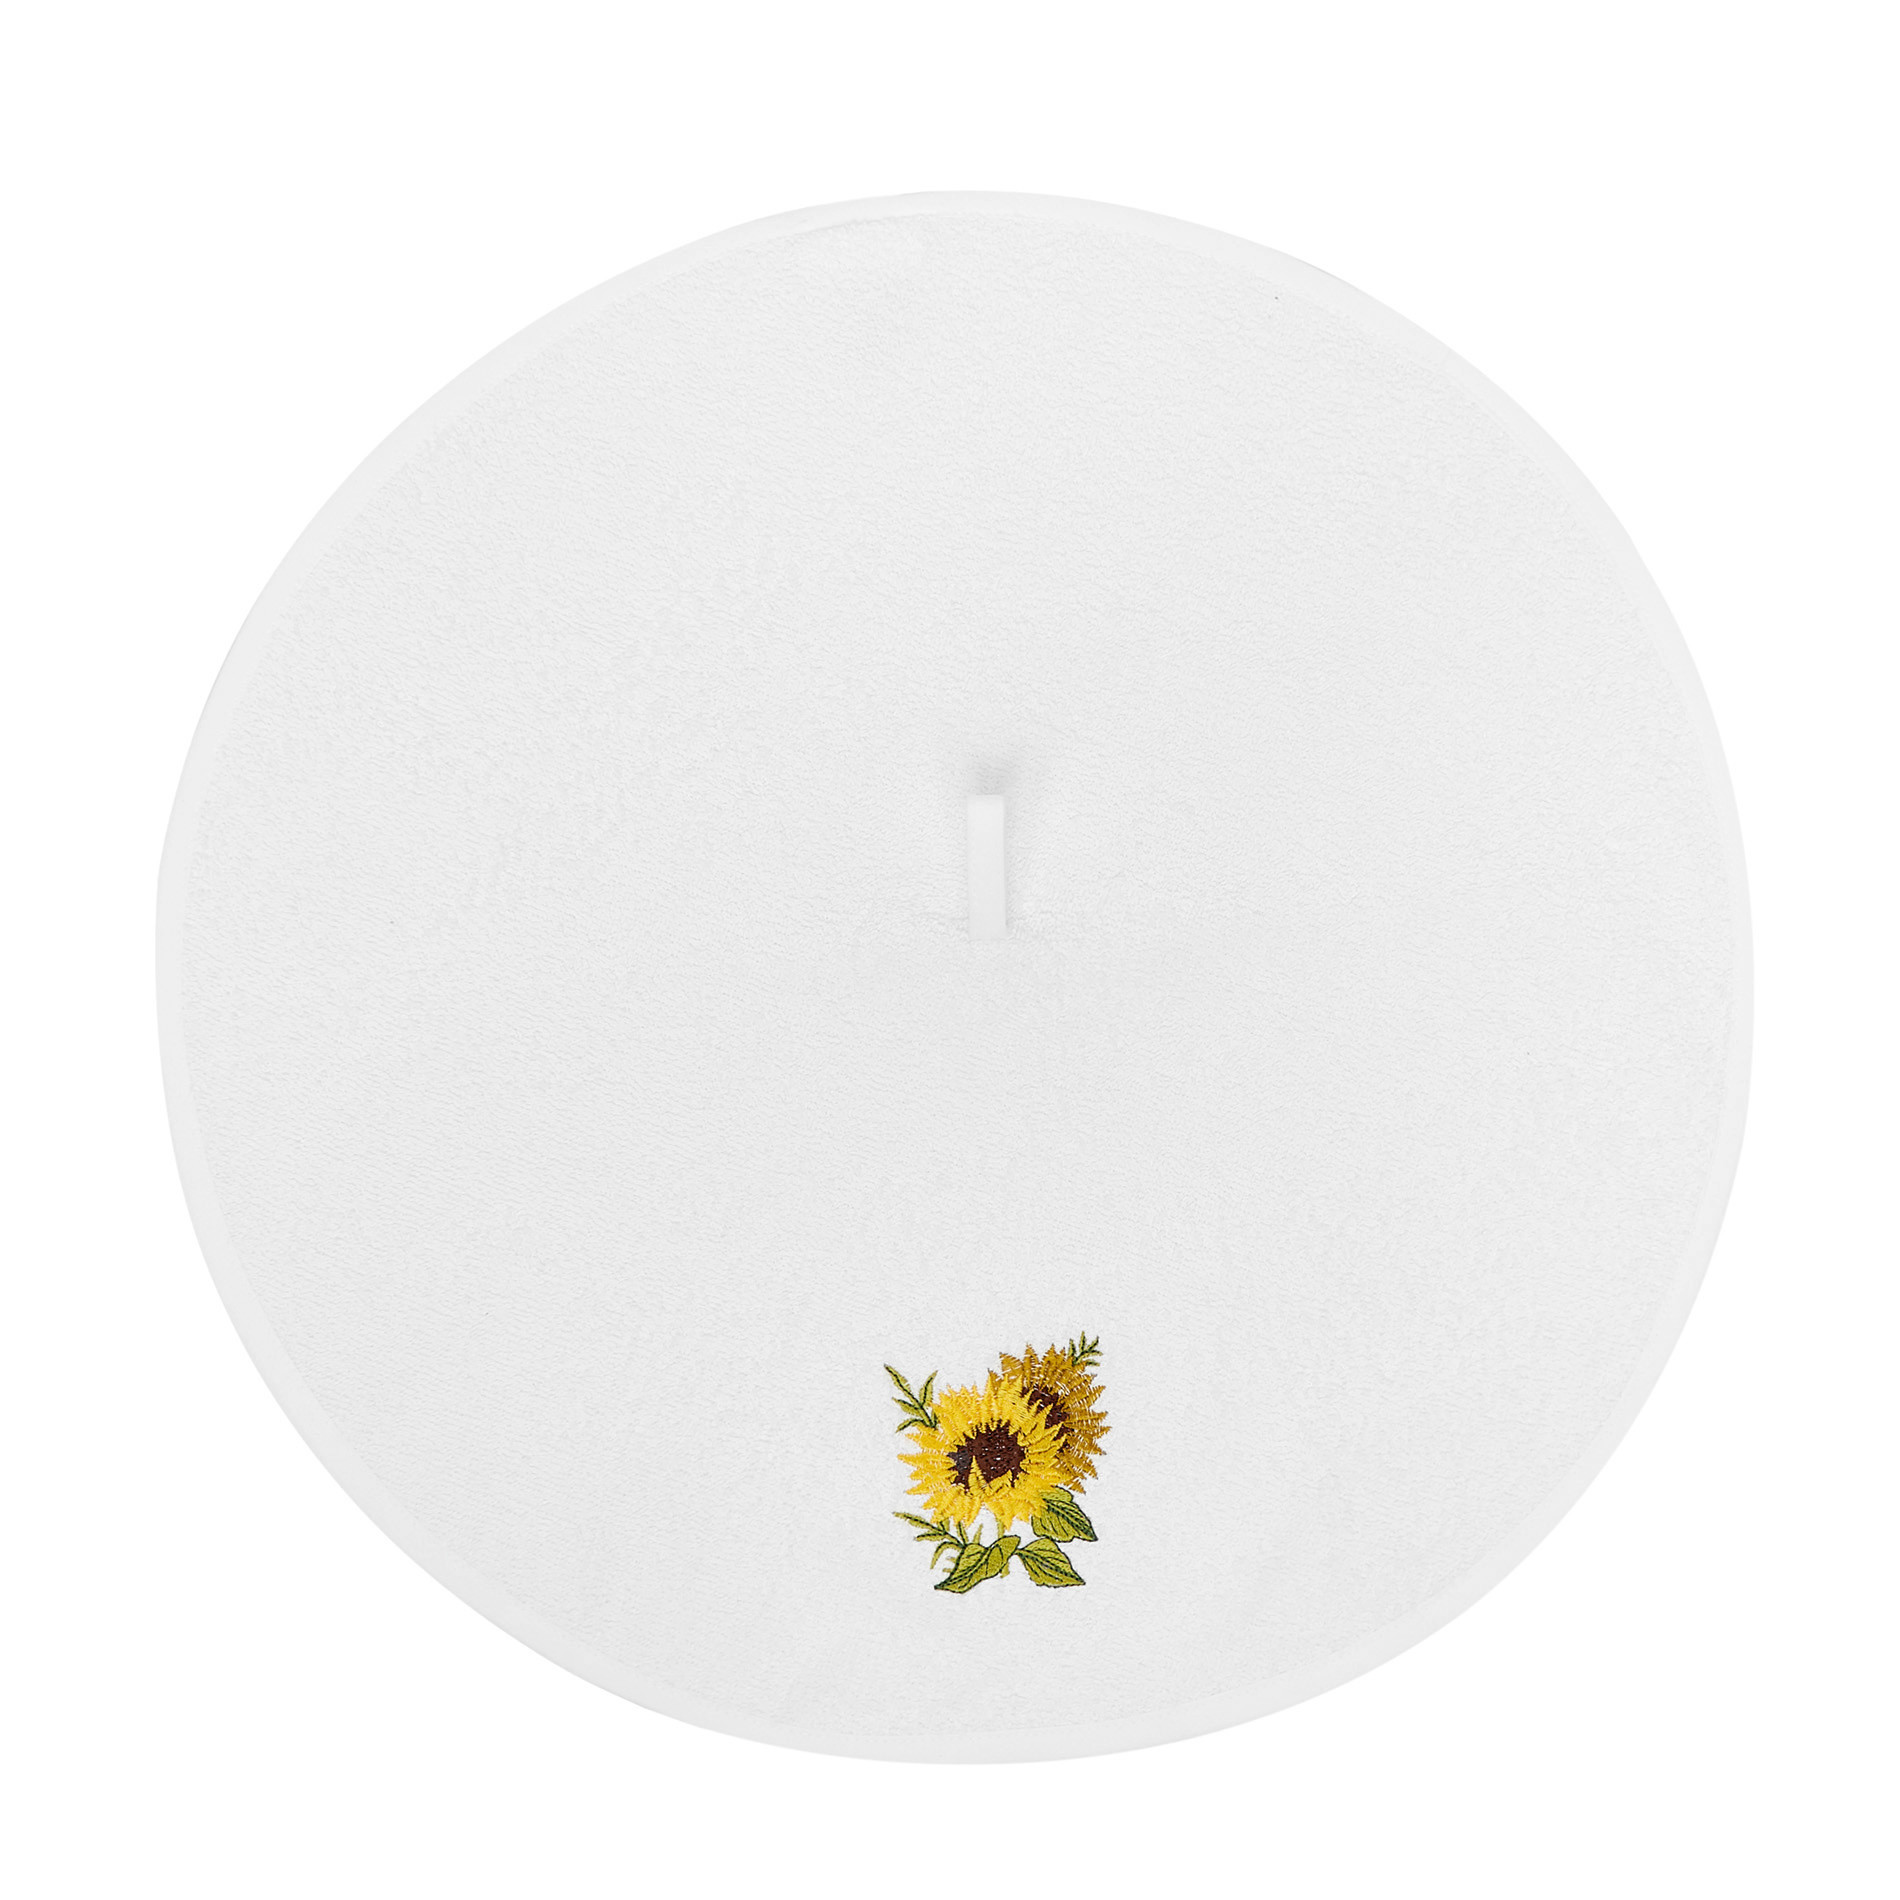 Strofinaccio spugna di cotone ricamato, Bianco, large image number 1